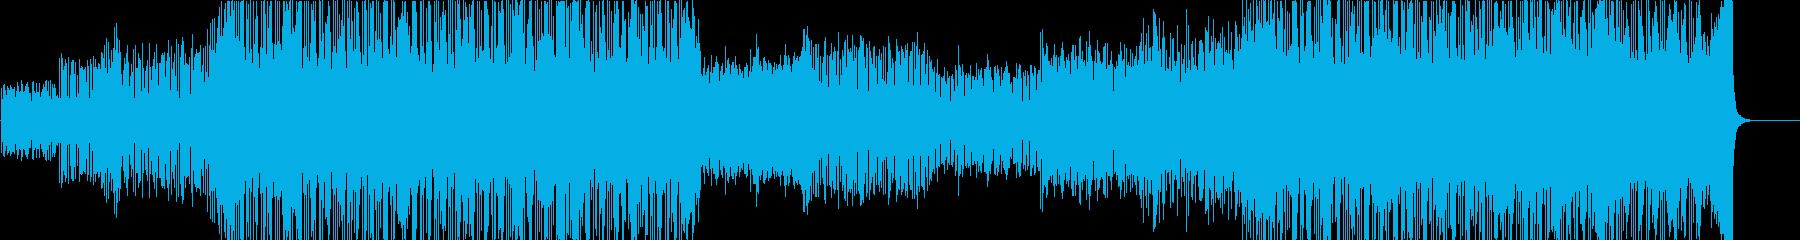 スリル スピード 都会 夜の再生済みの波形